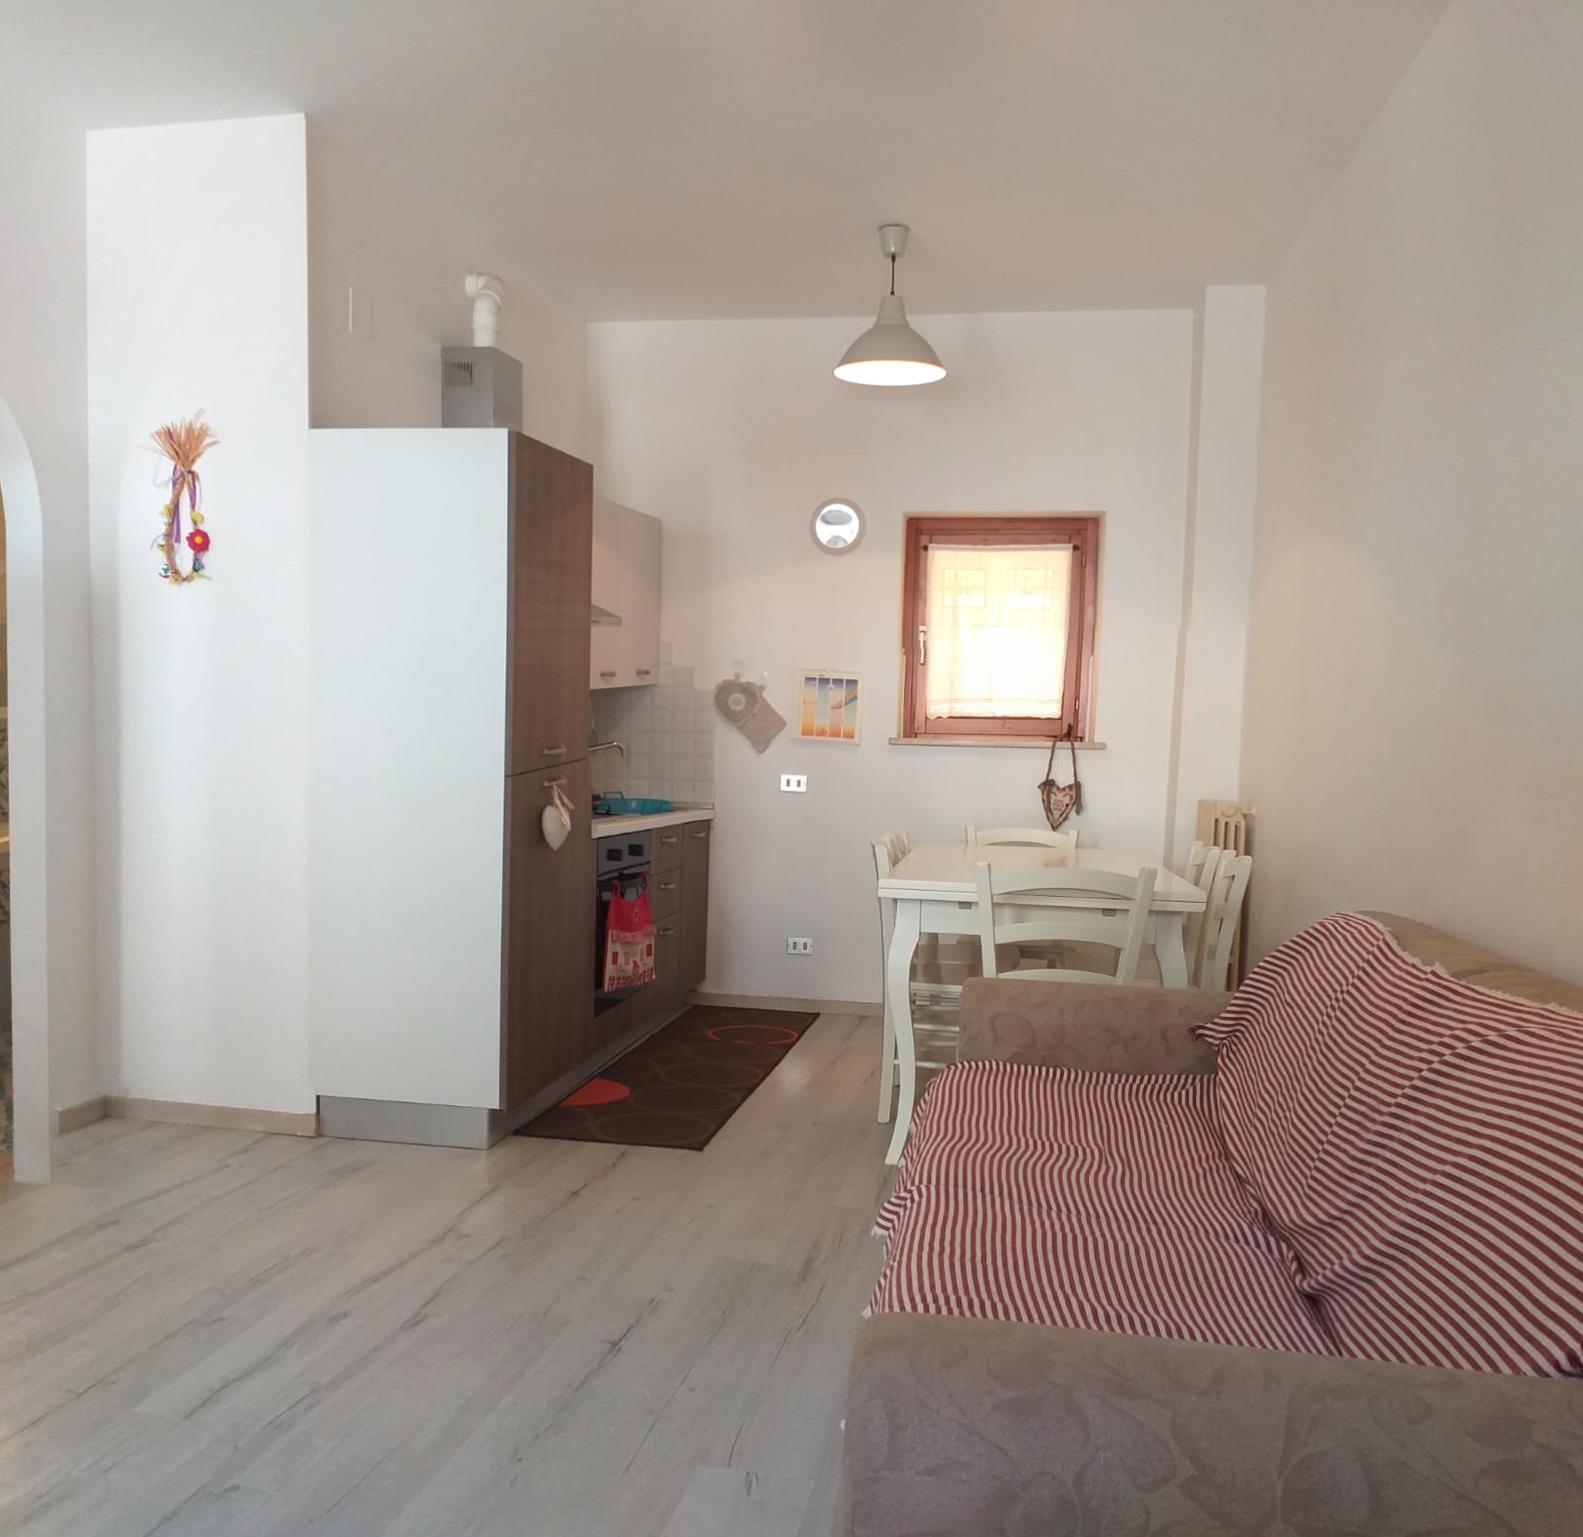 Appartamento a 50 metri dal mare a Grottammare (AP)